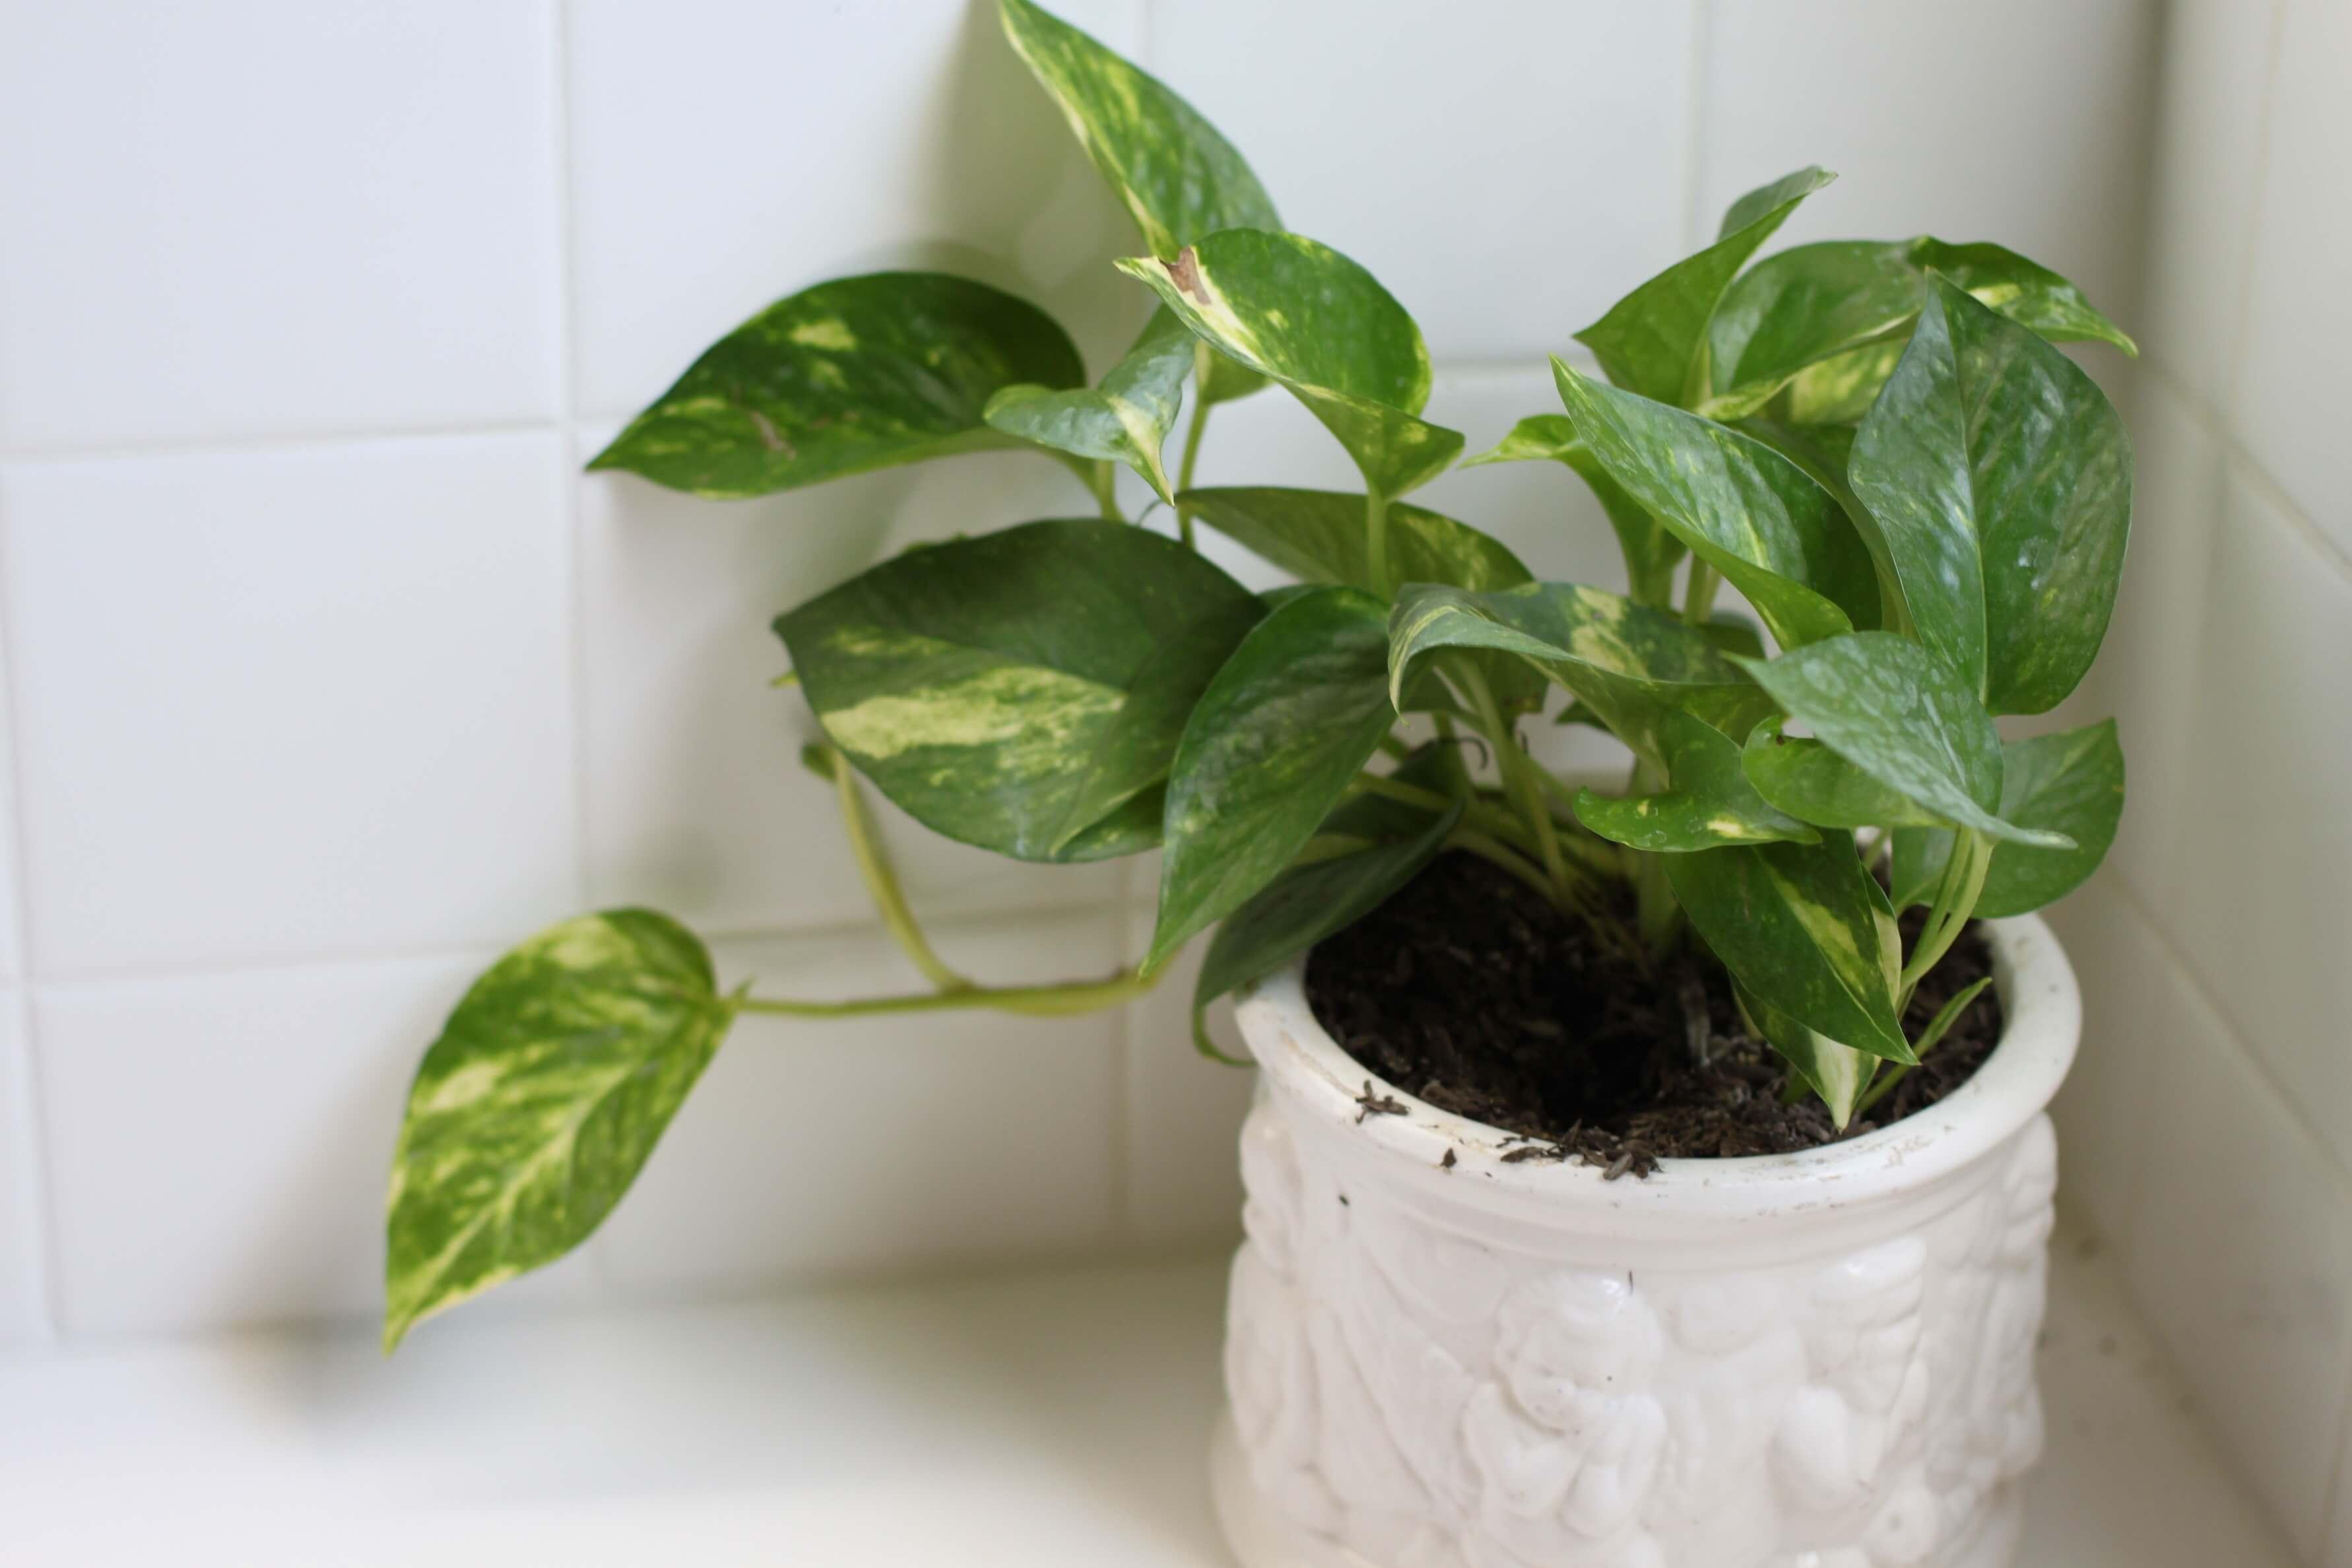 Planten Slaapkamer Baby : Planten voor slaapkamer. great with planten voor slaapkamer. simple